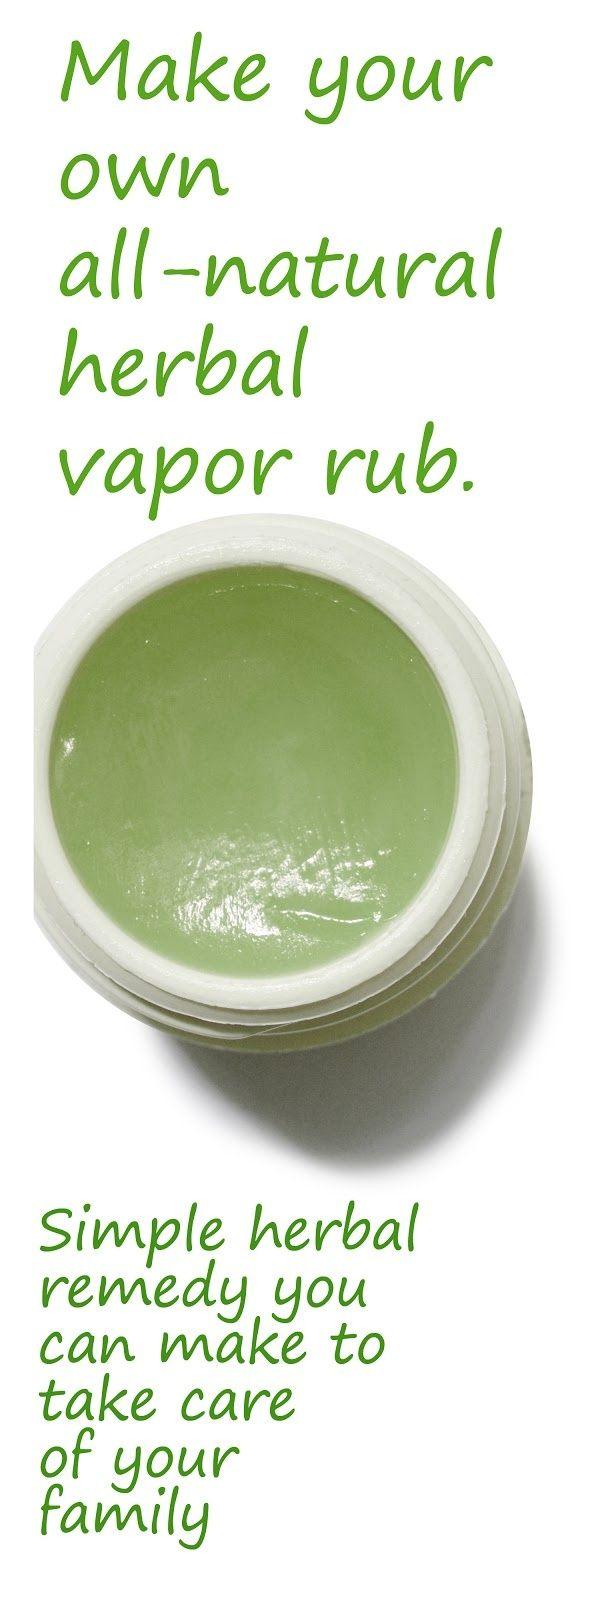 Making Natural Herbal Vapor Rub - http://www.ecosnippets.com/diy/making-natural-herbal-vapor-rub/